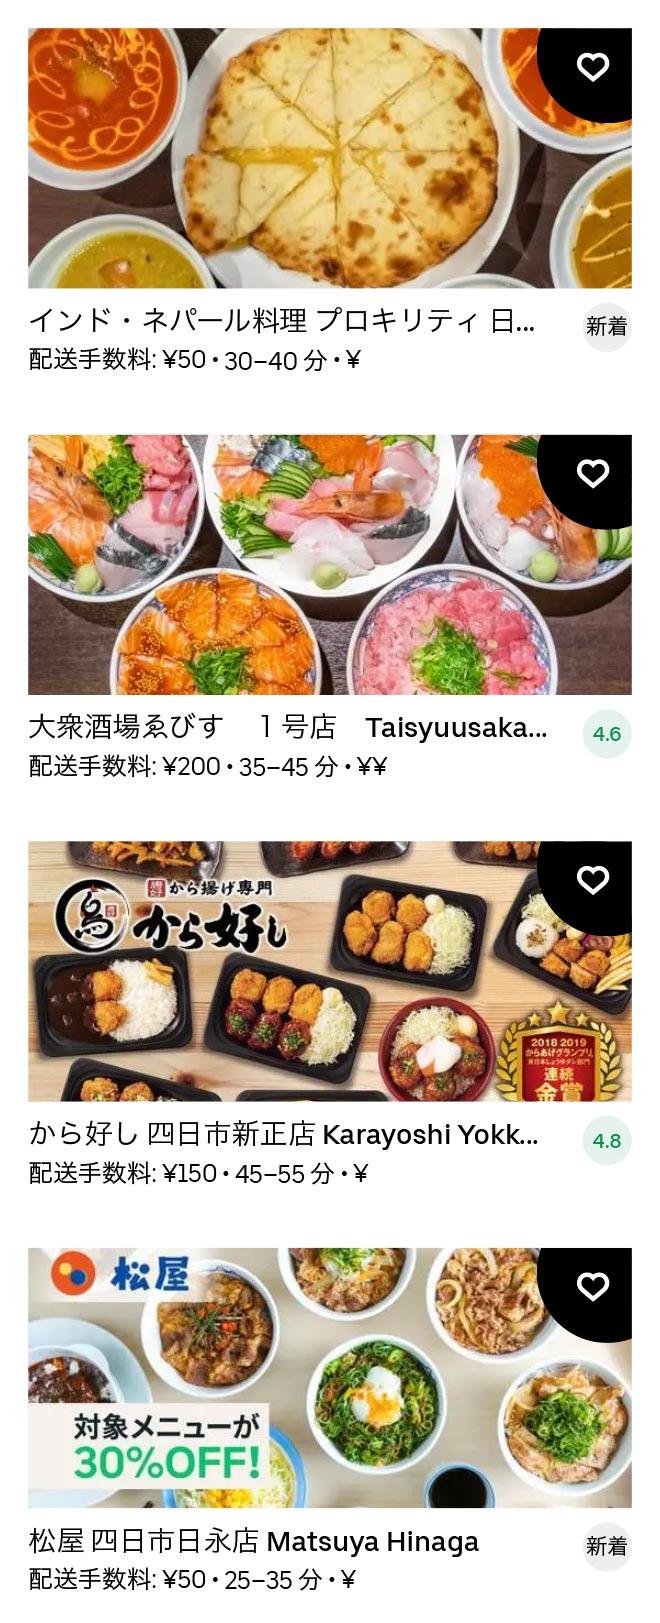 Minami hinaga menu 2012 02